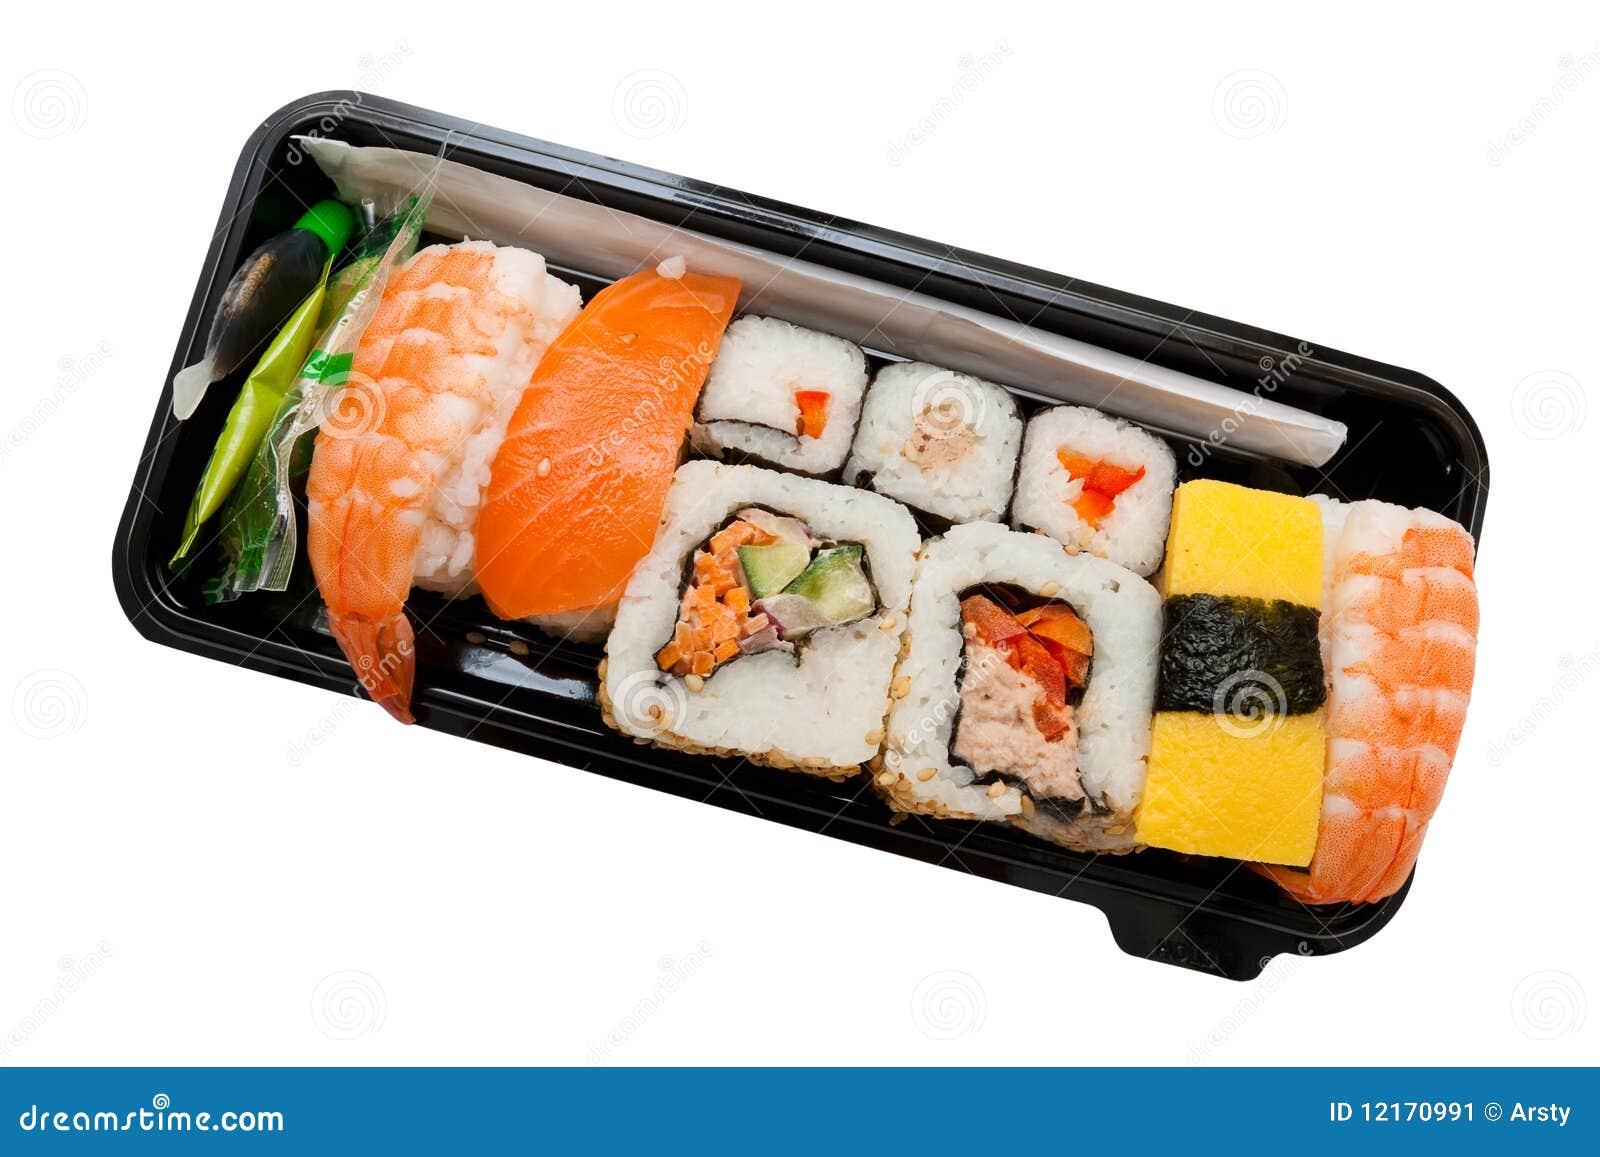 set of sushi stock image image 12170991. Black Bedroom Furniture Sets. Home Design Ideas